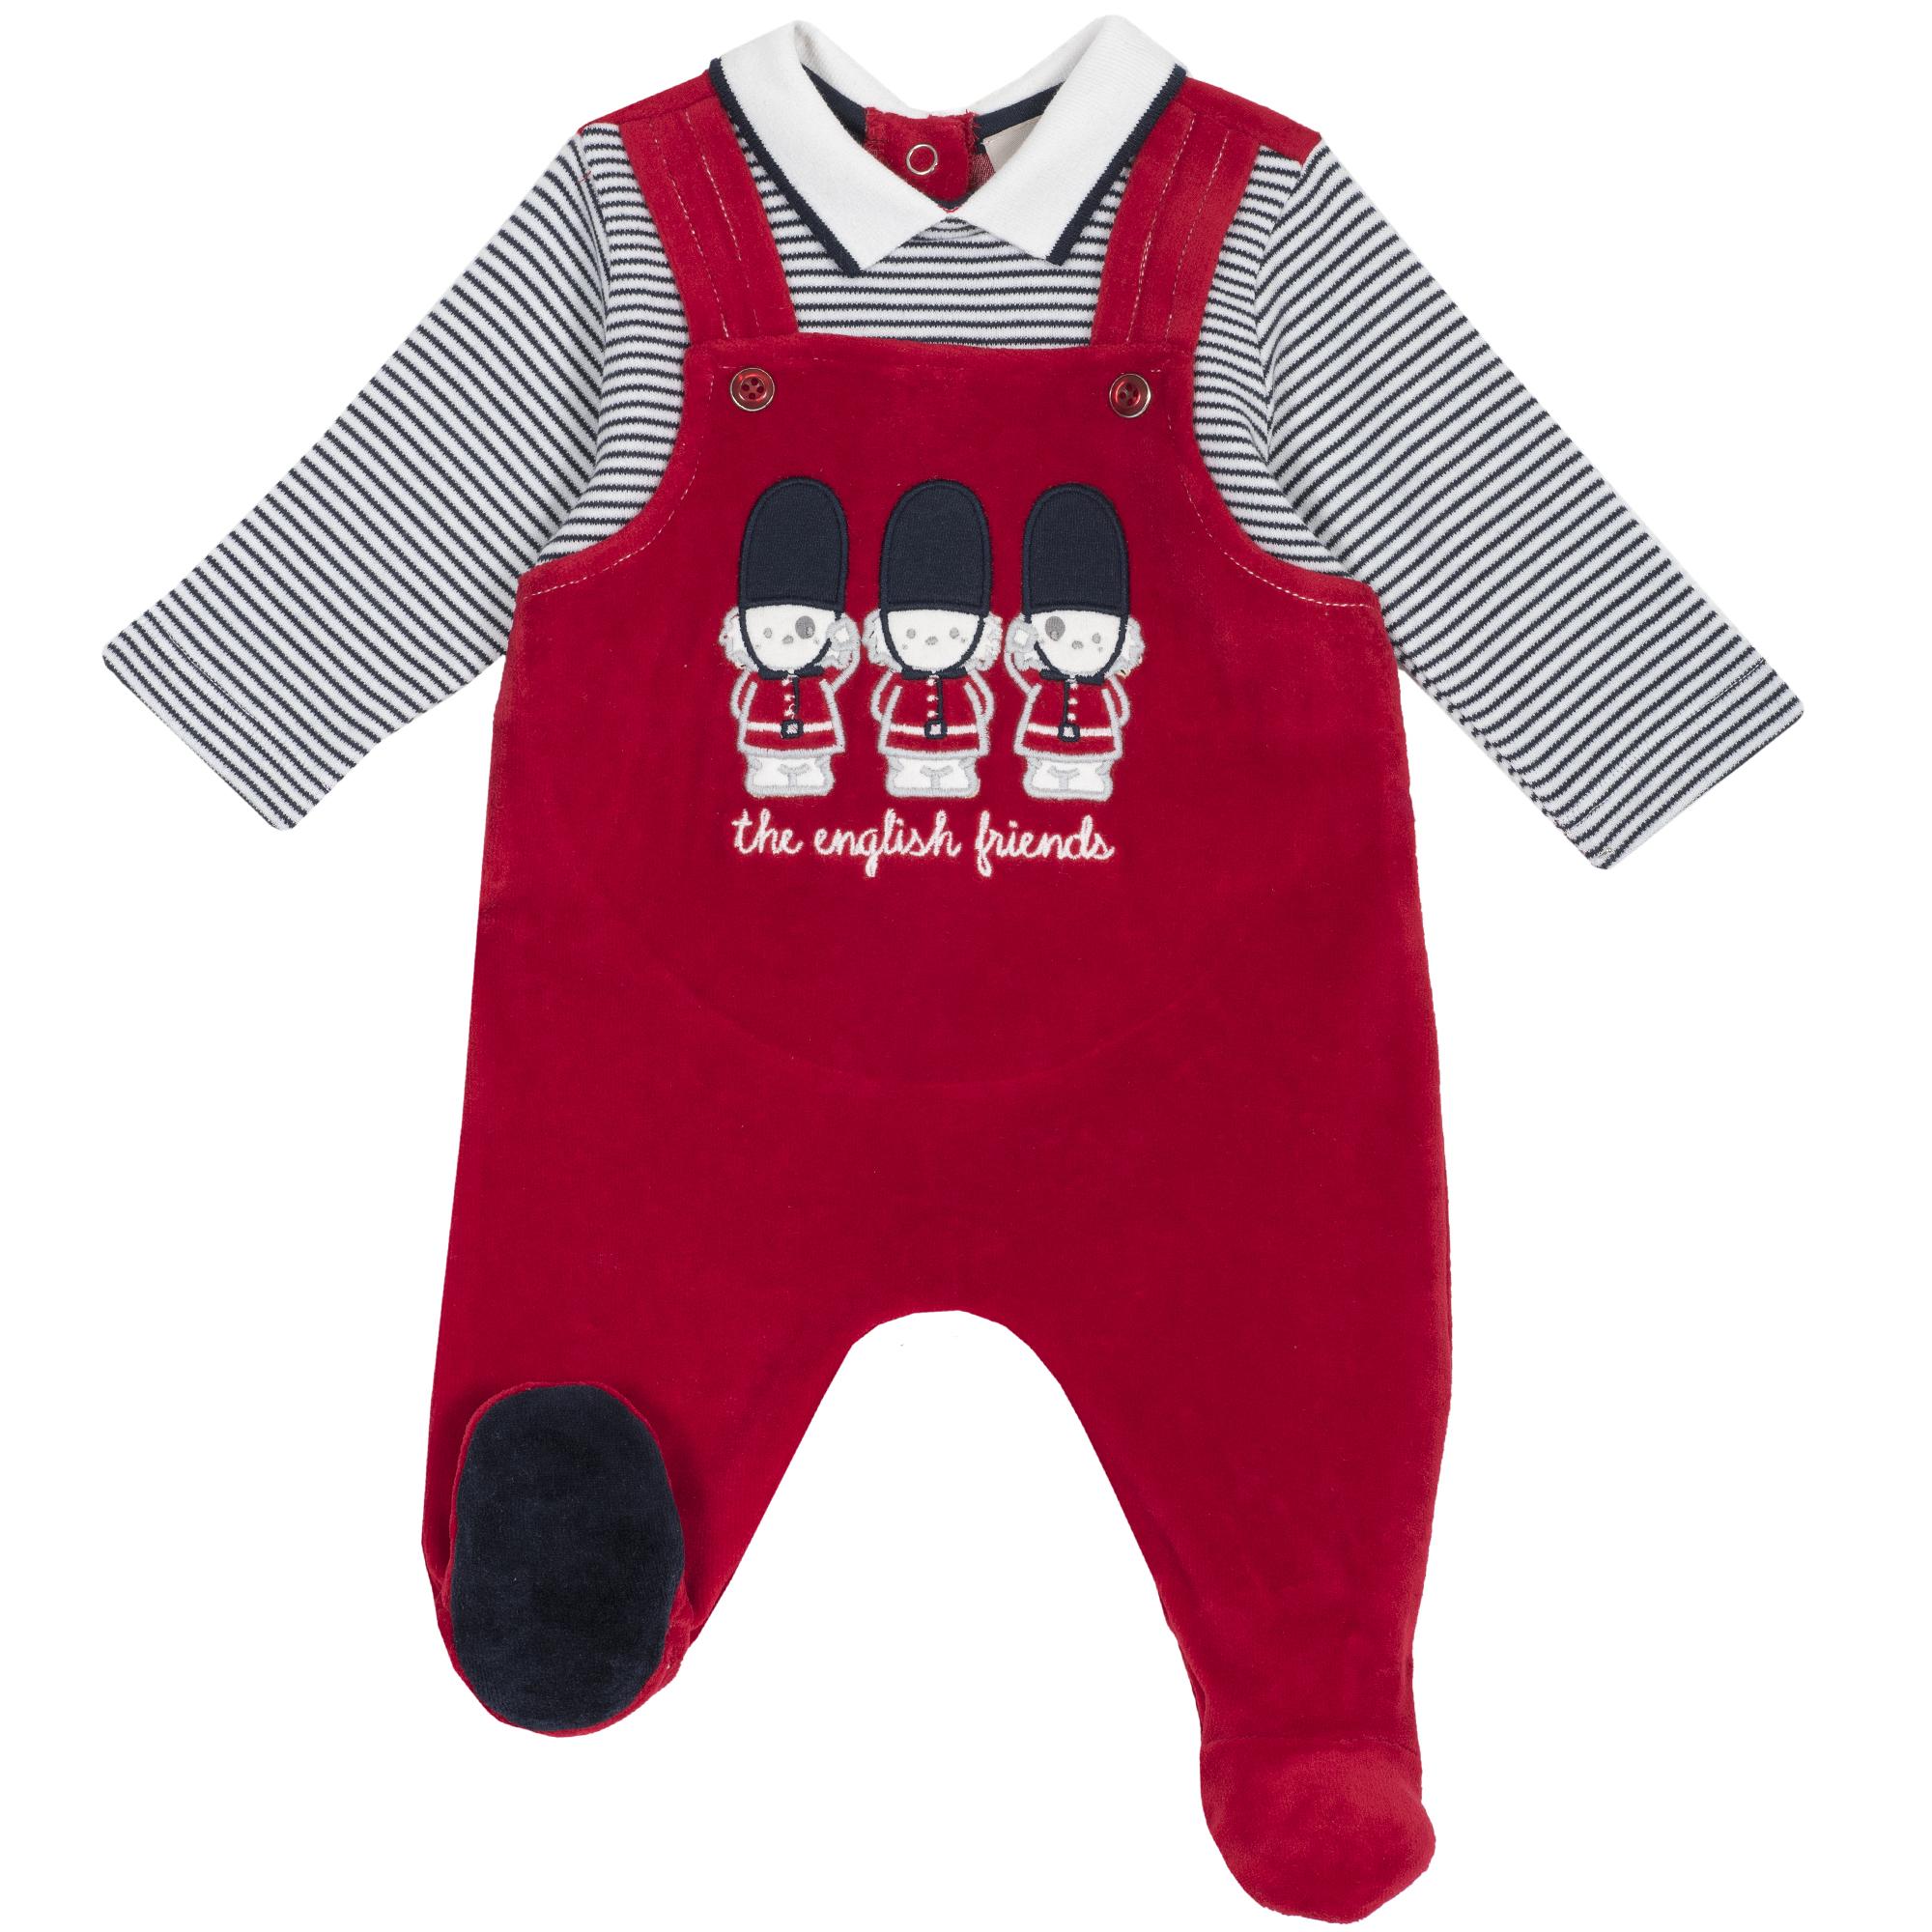 Salopeta copii Chicco, botosei incorporati, imprimeu animale, 21901 din categoria Salopete/Body